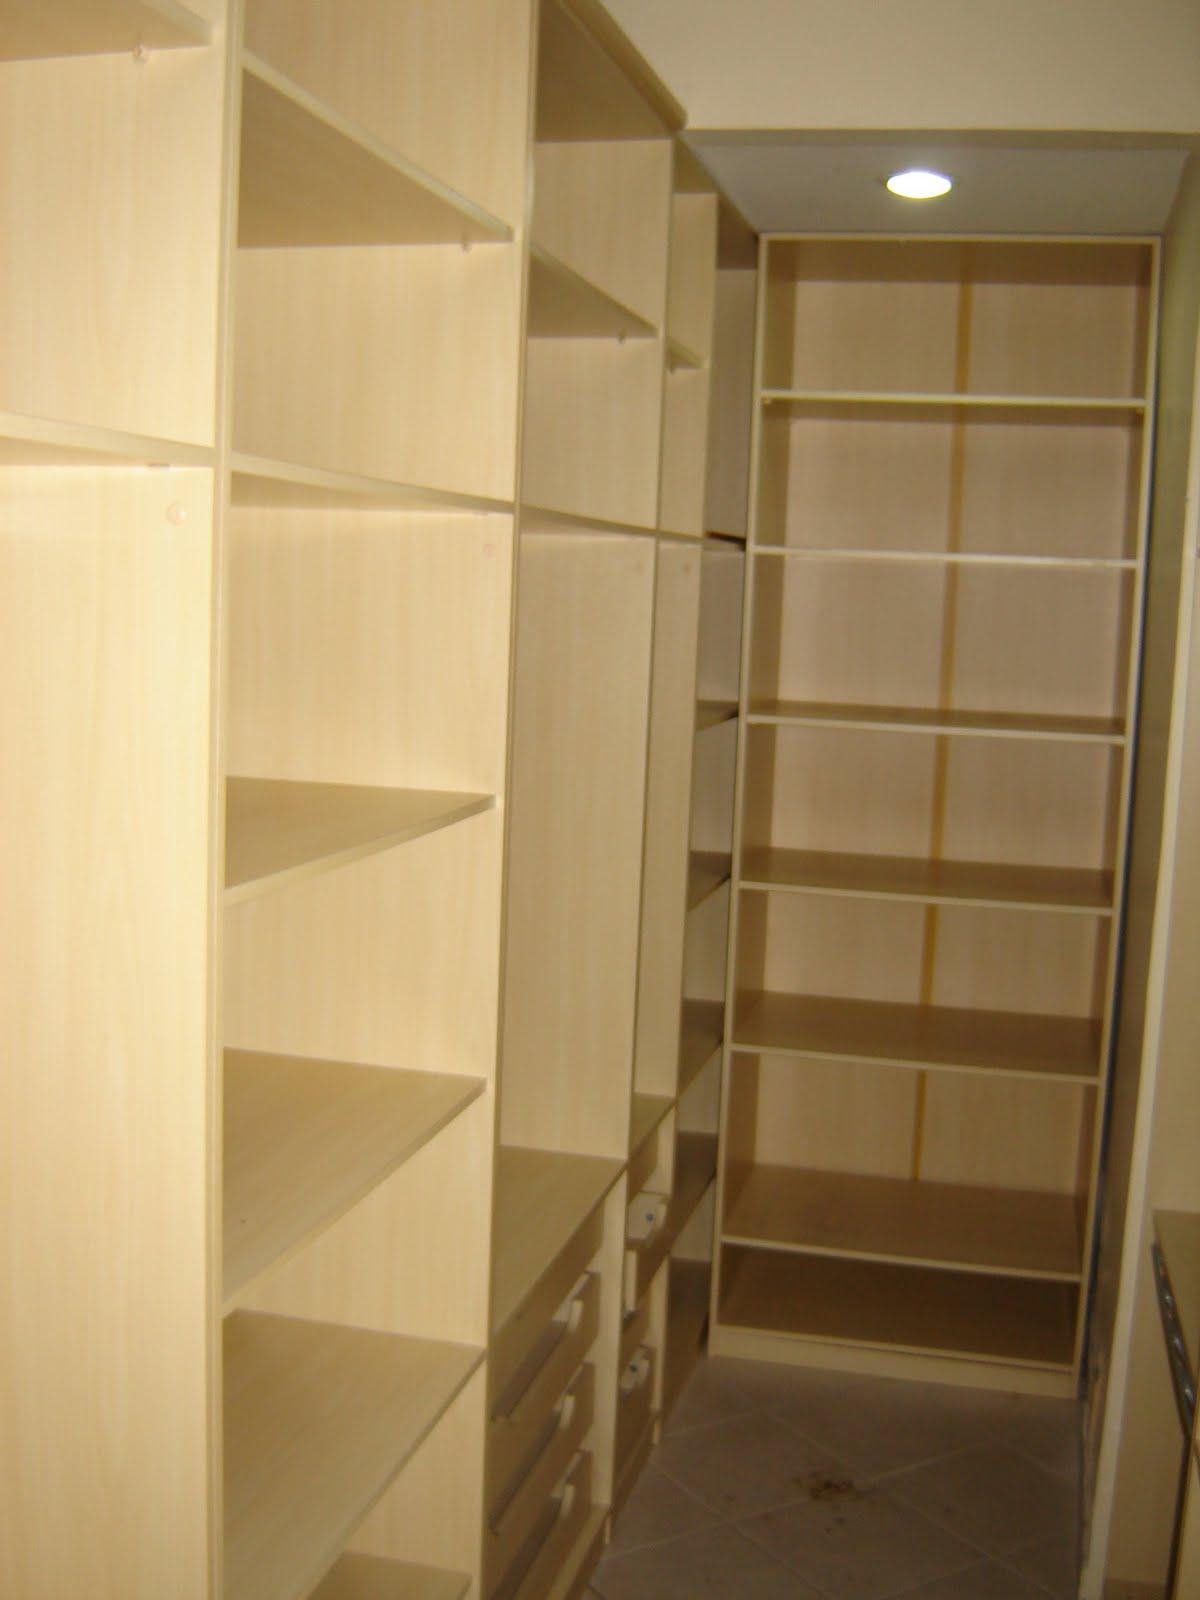 barravai: Quarto e banheiro de empregada (atual closet 19P) #B48817 1200x1600 Banheiro Closet